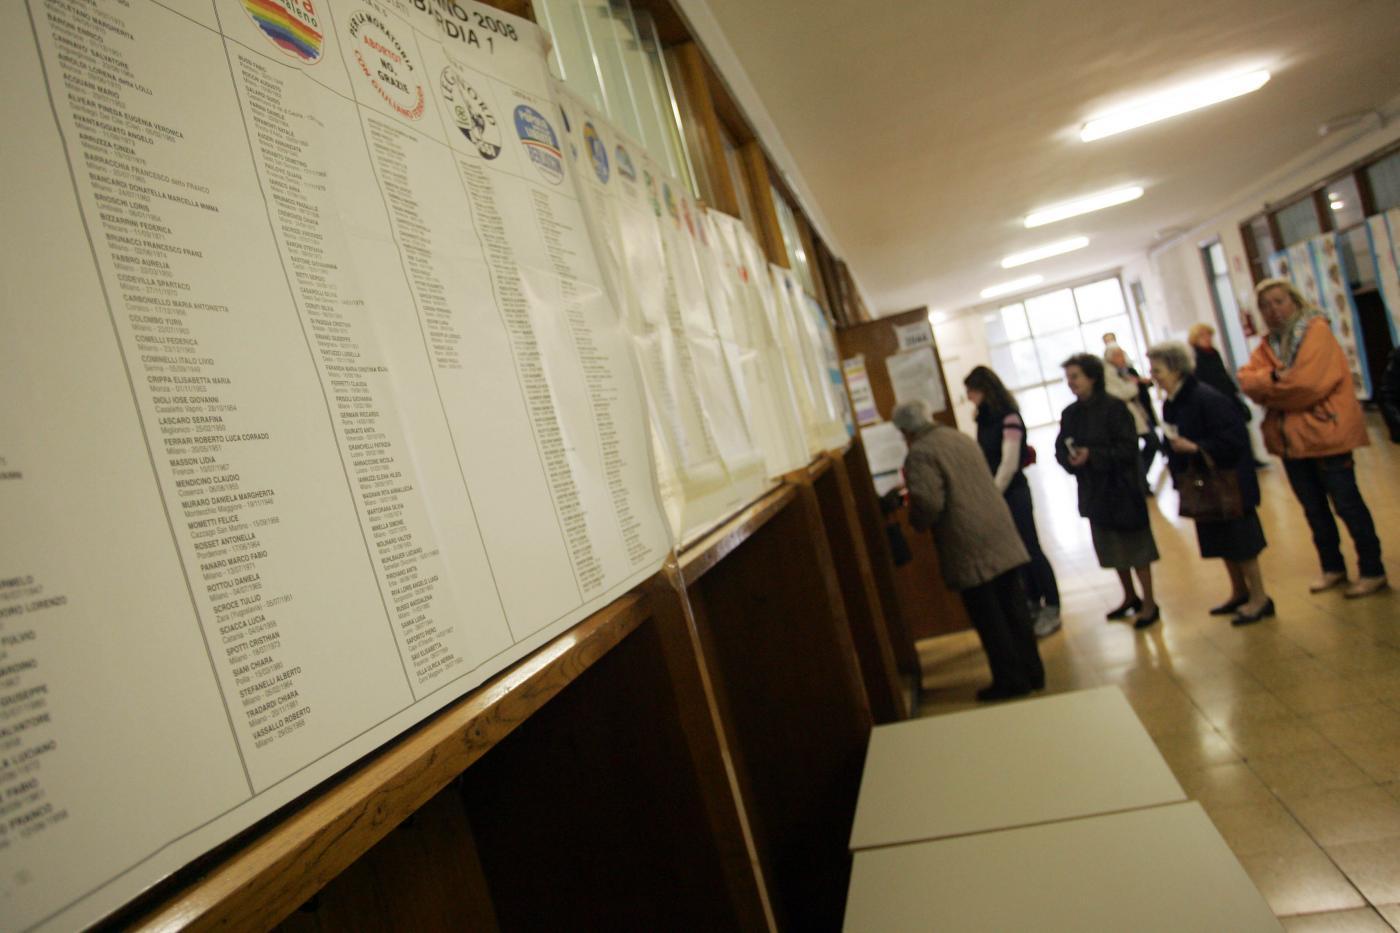 Elezioni regionali in Sicilia: alle 12 affluenza al 10,8%. DIRETTA